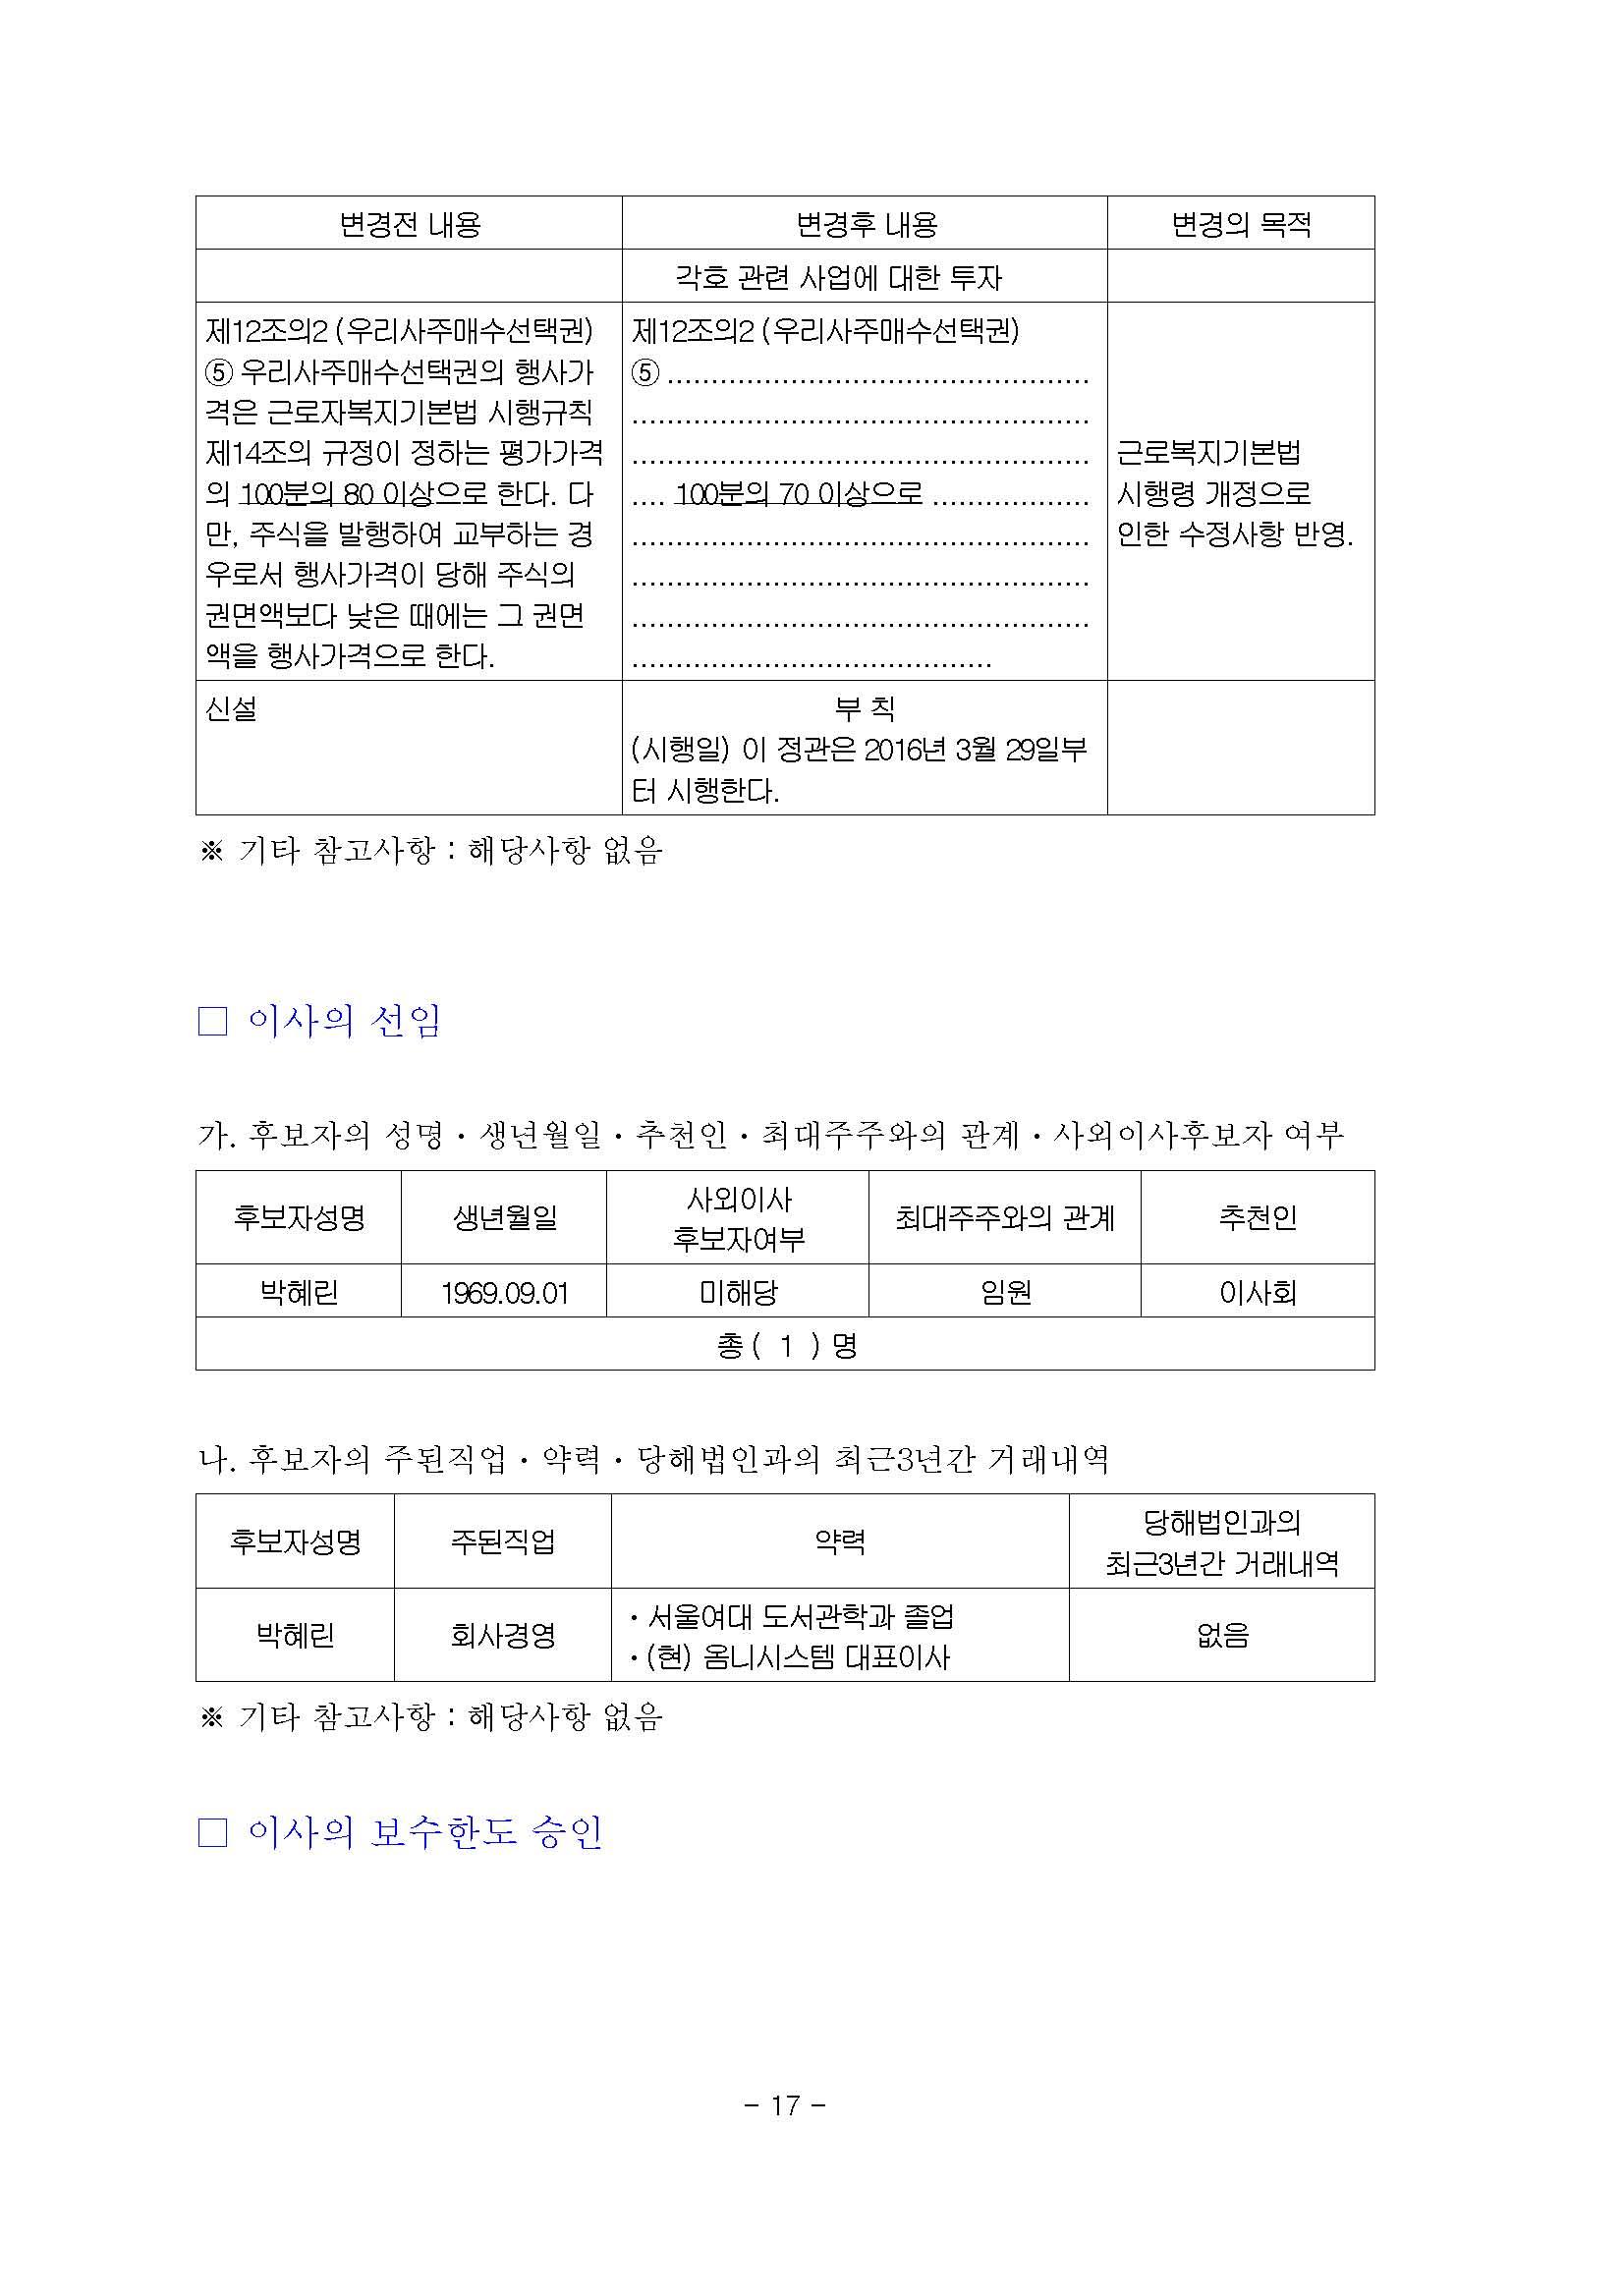 20160311 주주총회 소집공고-바이오_페이지_18.jpg